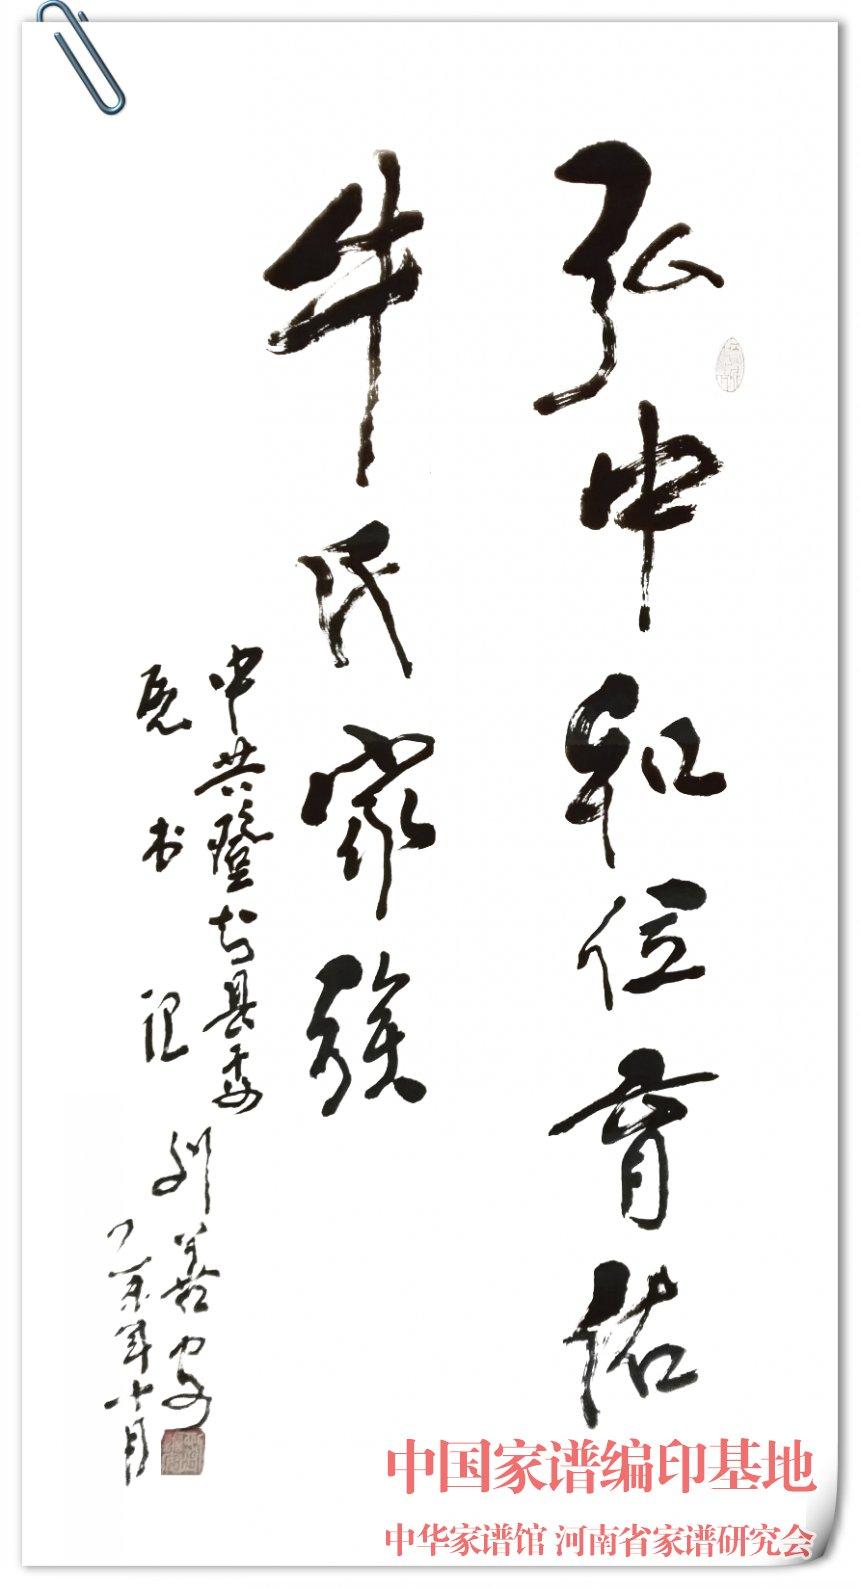 河南省政协主席王全书为烟庄牛氏族谱题词.jpg